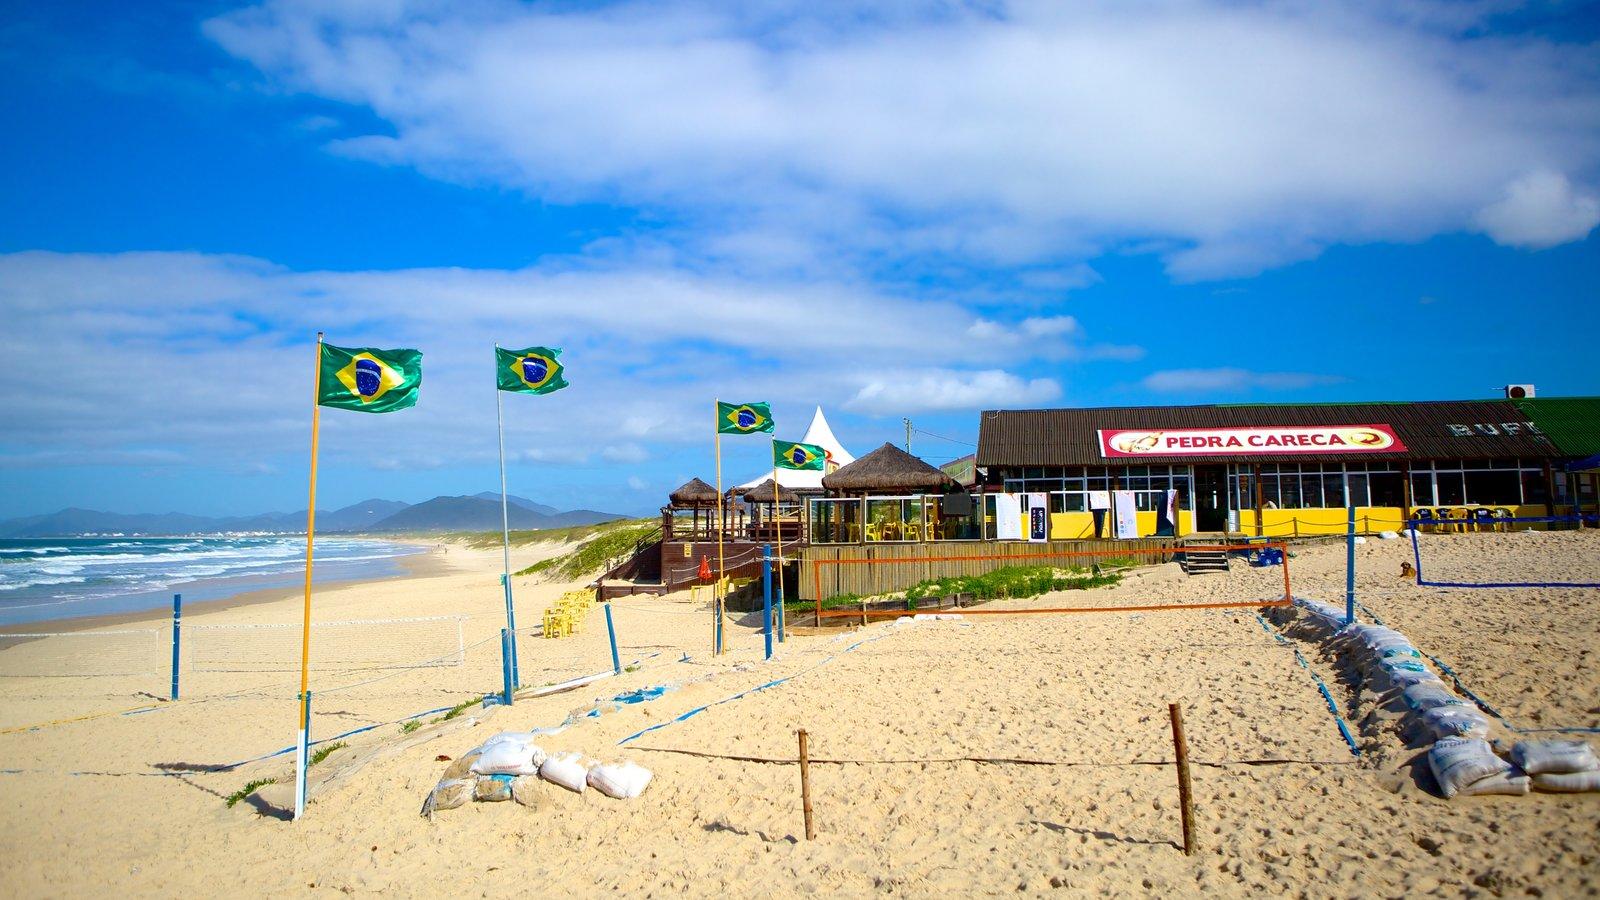 Praia da Joaquina mostrando uma praia de areia